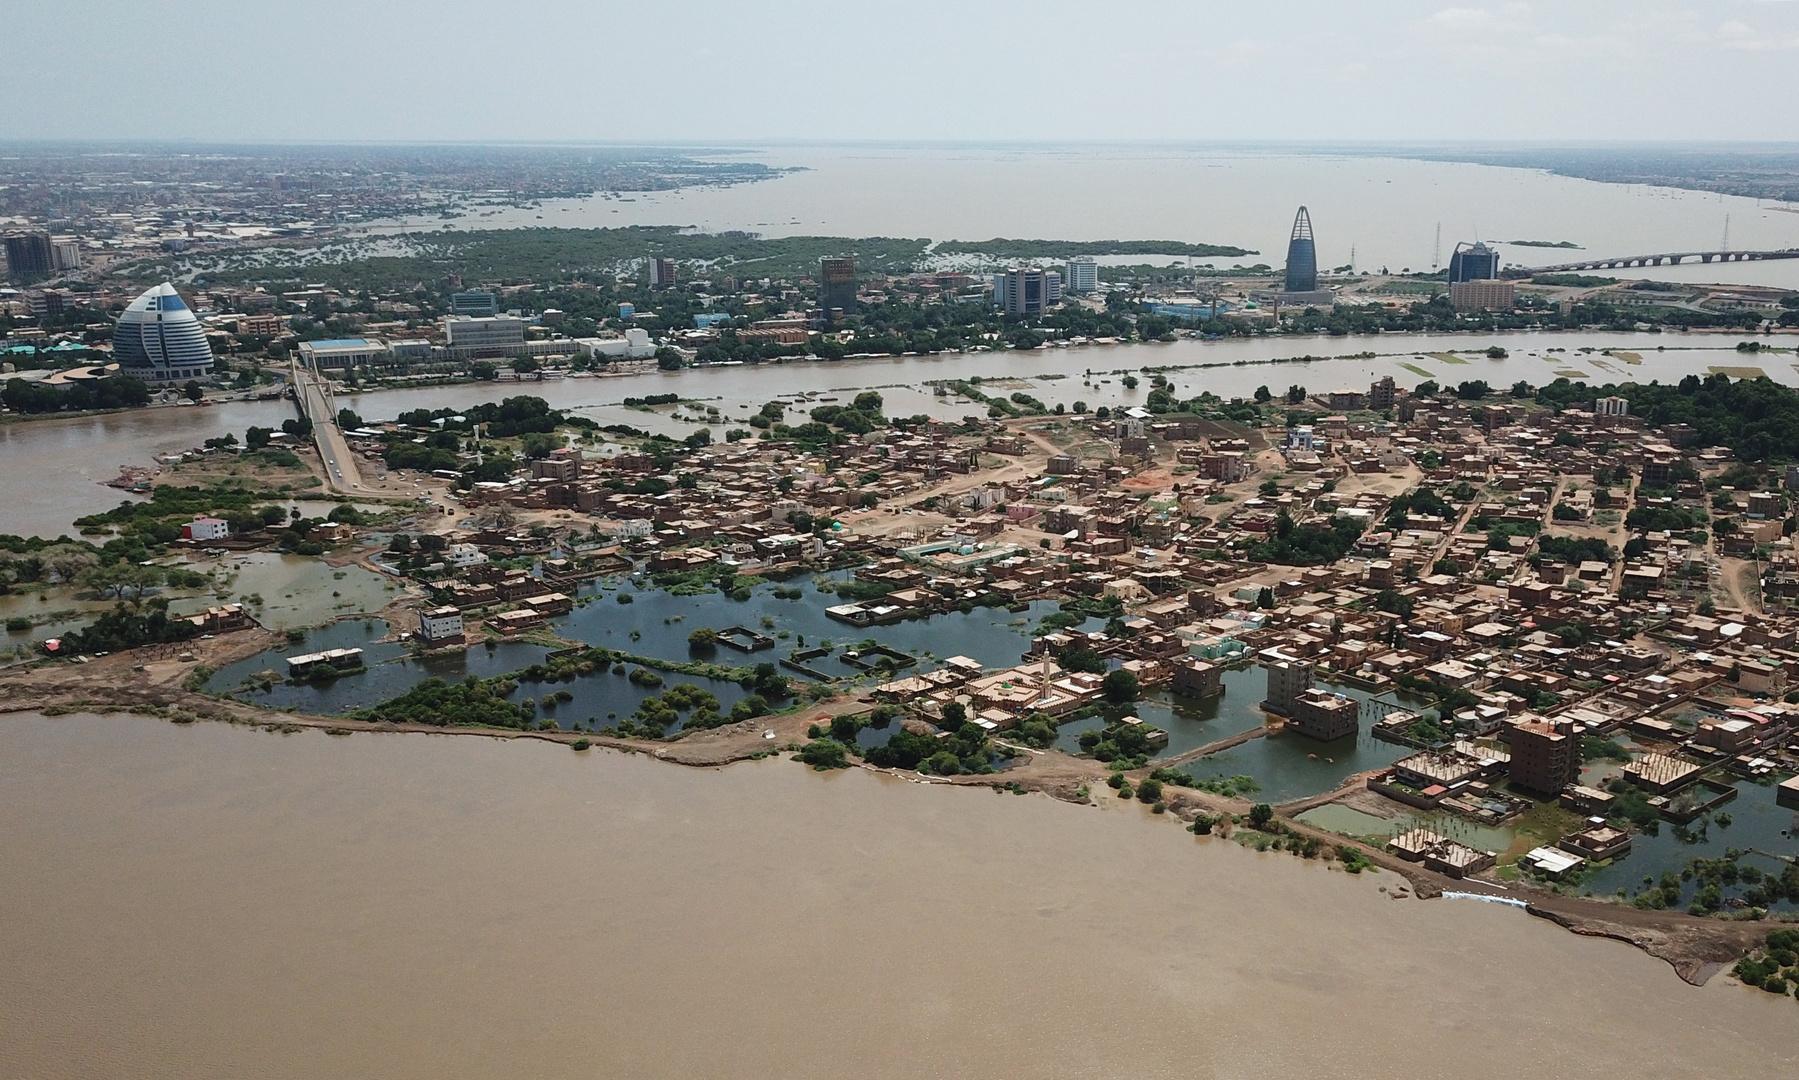 وصول أول طائرة أمريكية للخرطوم محملة بمساعدات لمتضرري الفيضانات